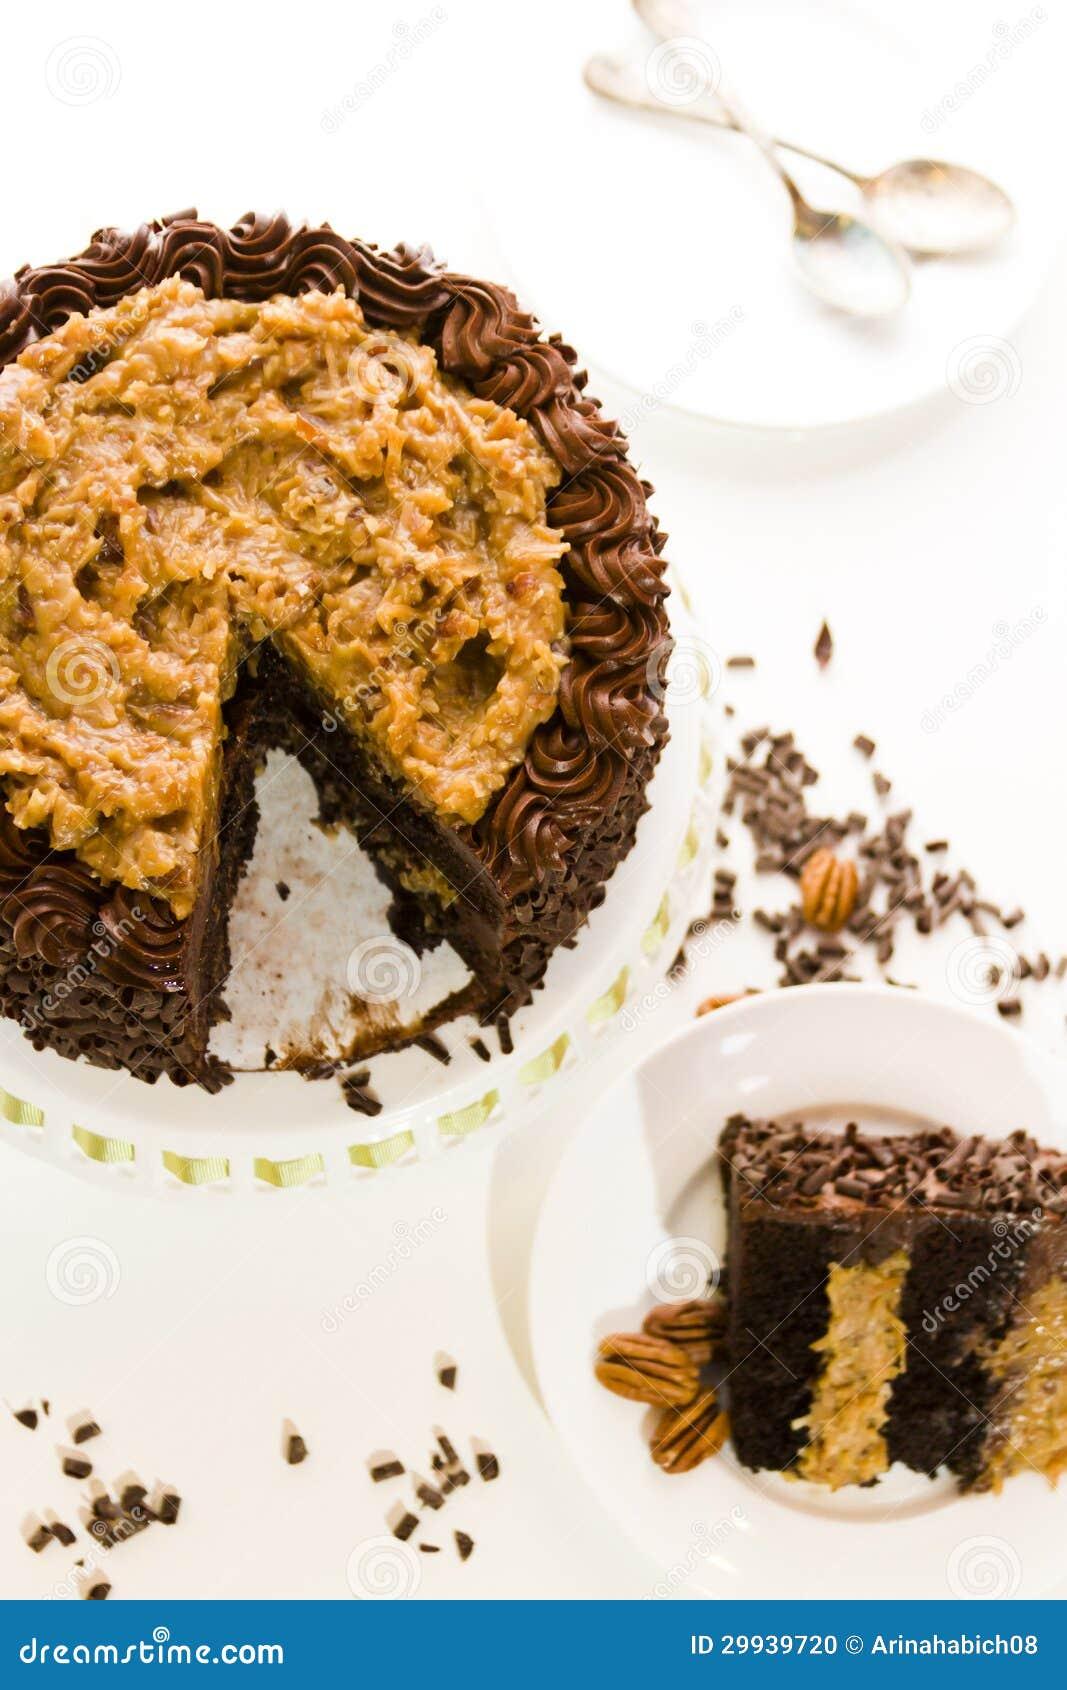 German Chocolate Cake Stock Photo - Image: 29939720